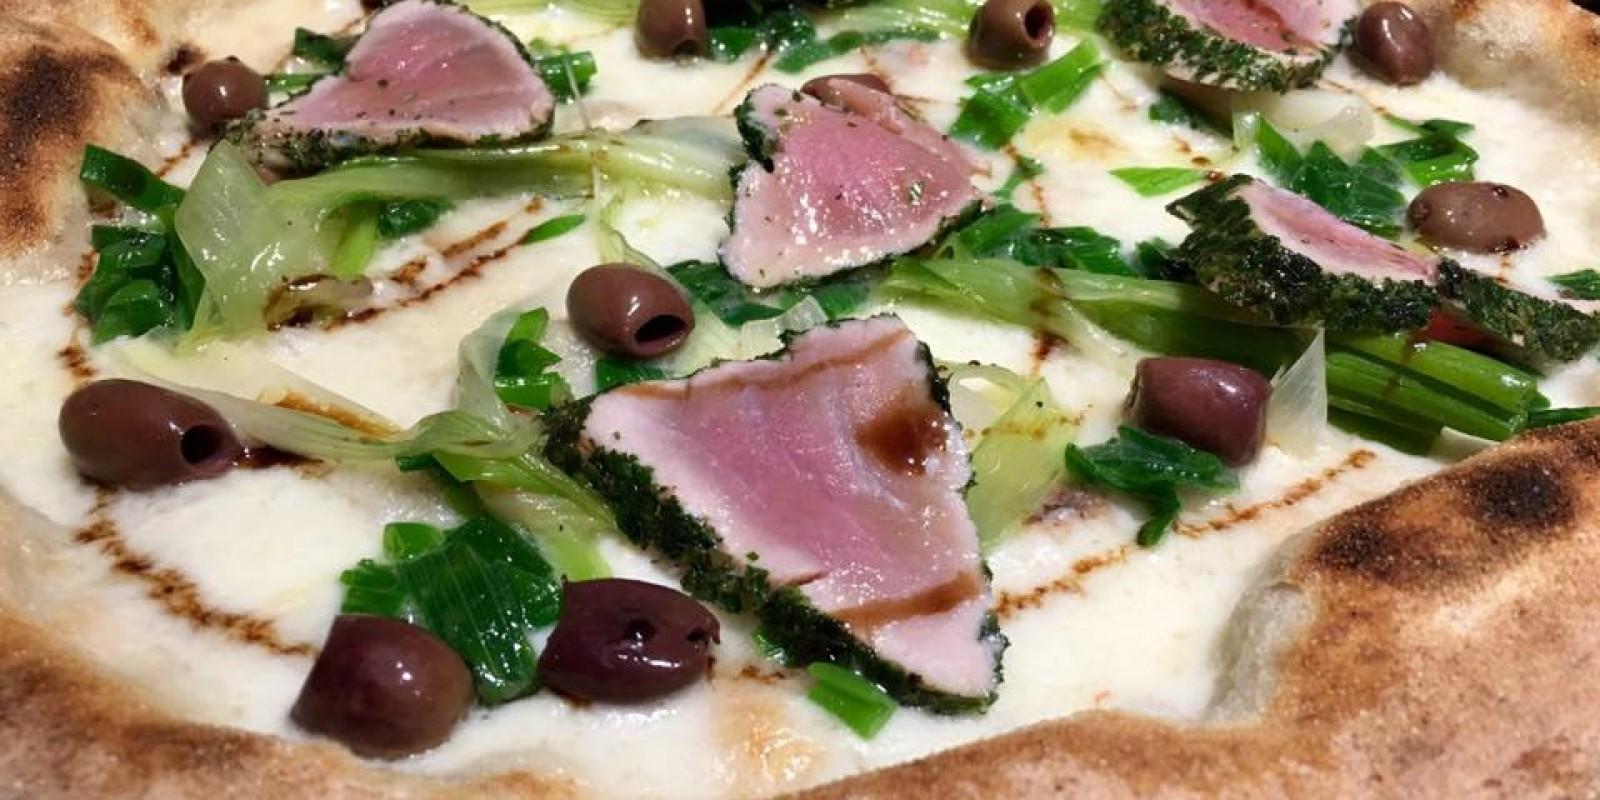 25 pizzerie di treviso e provincia che non puoi non conoscere - Pizzeria la finestra treviso ...